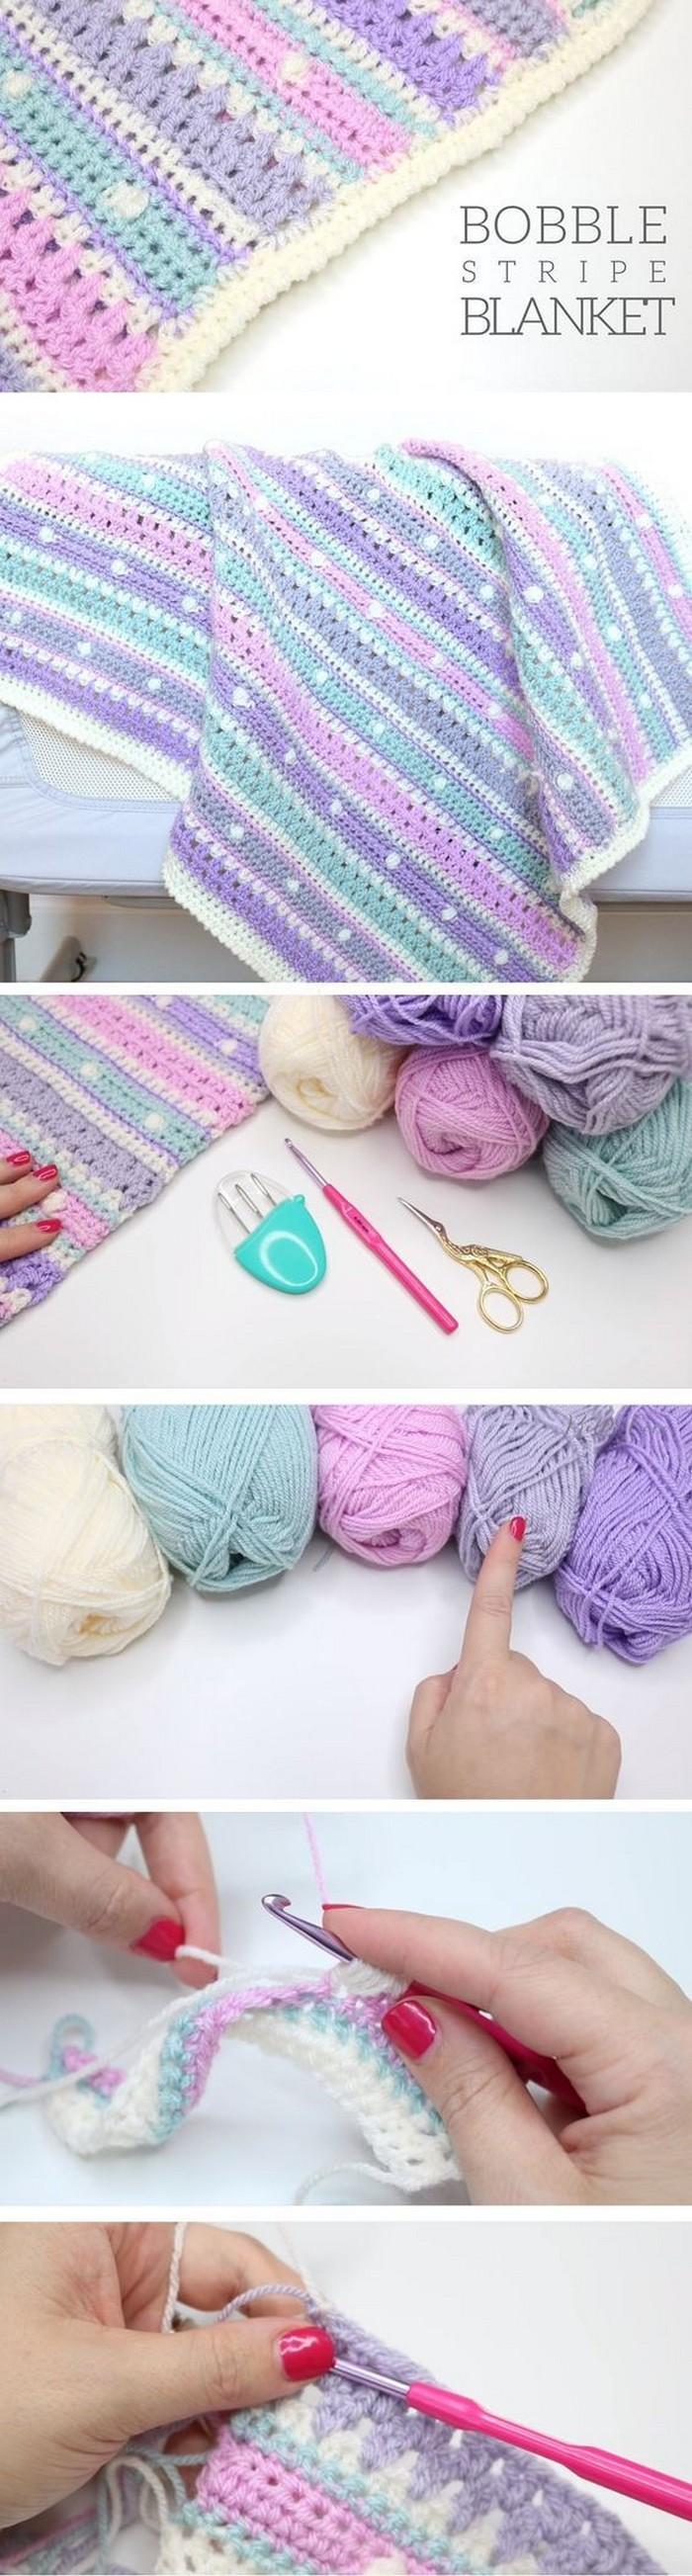 Stipe Blanket Free Crochet Pattern